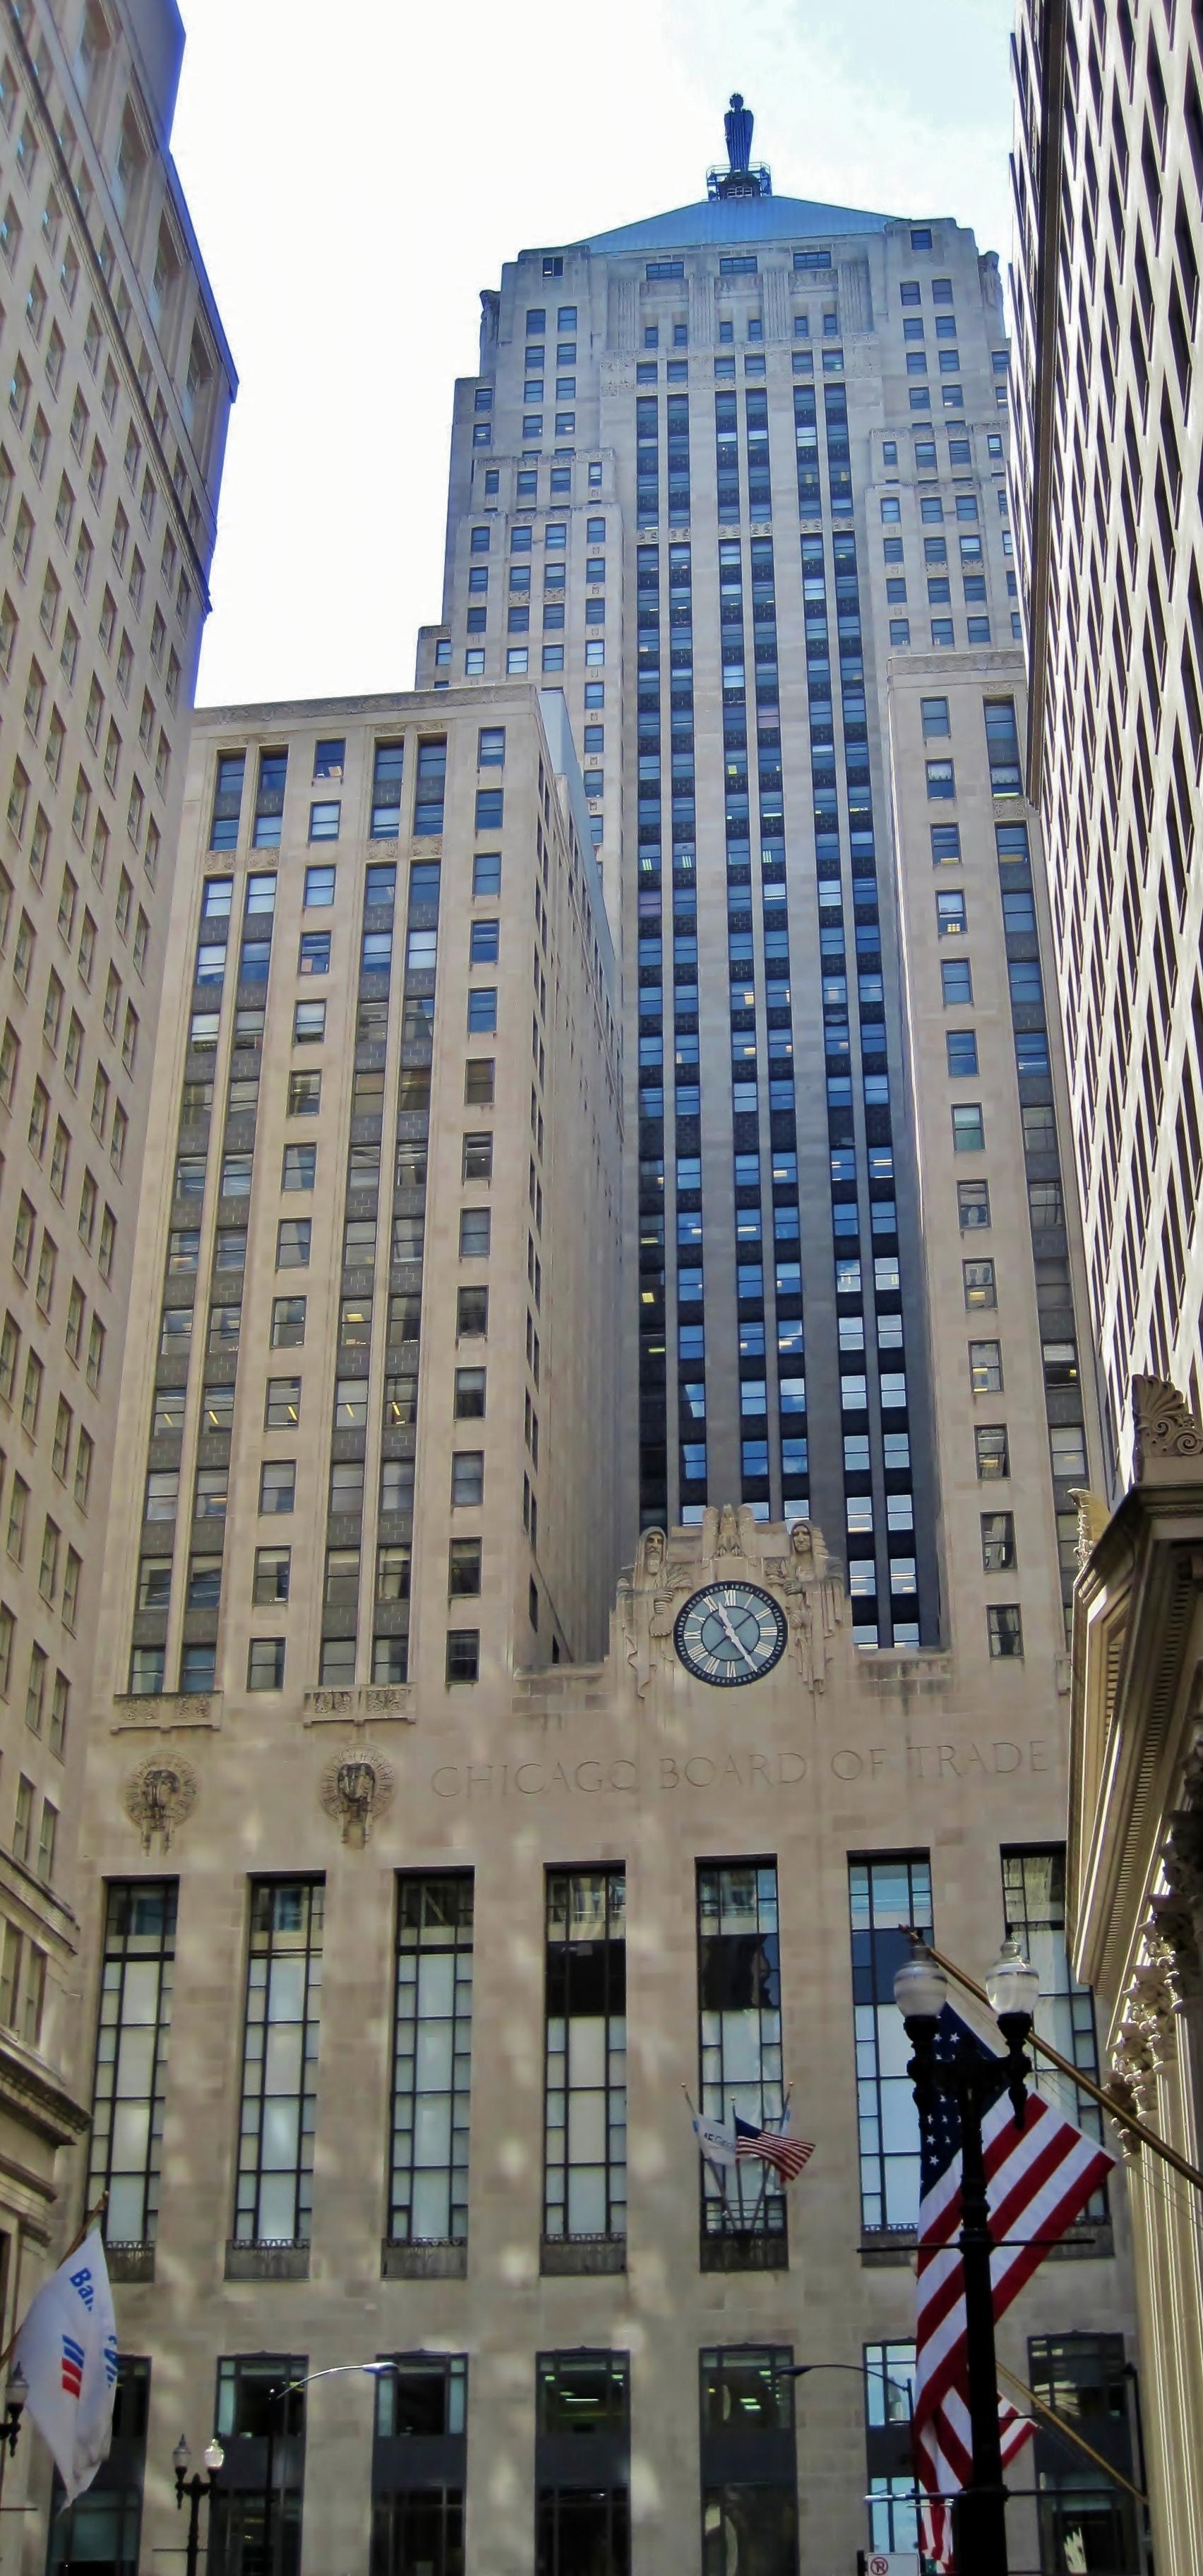 File:chicago Board of Trade